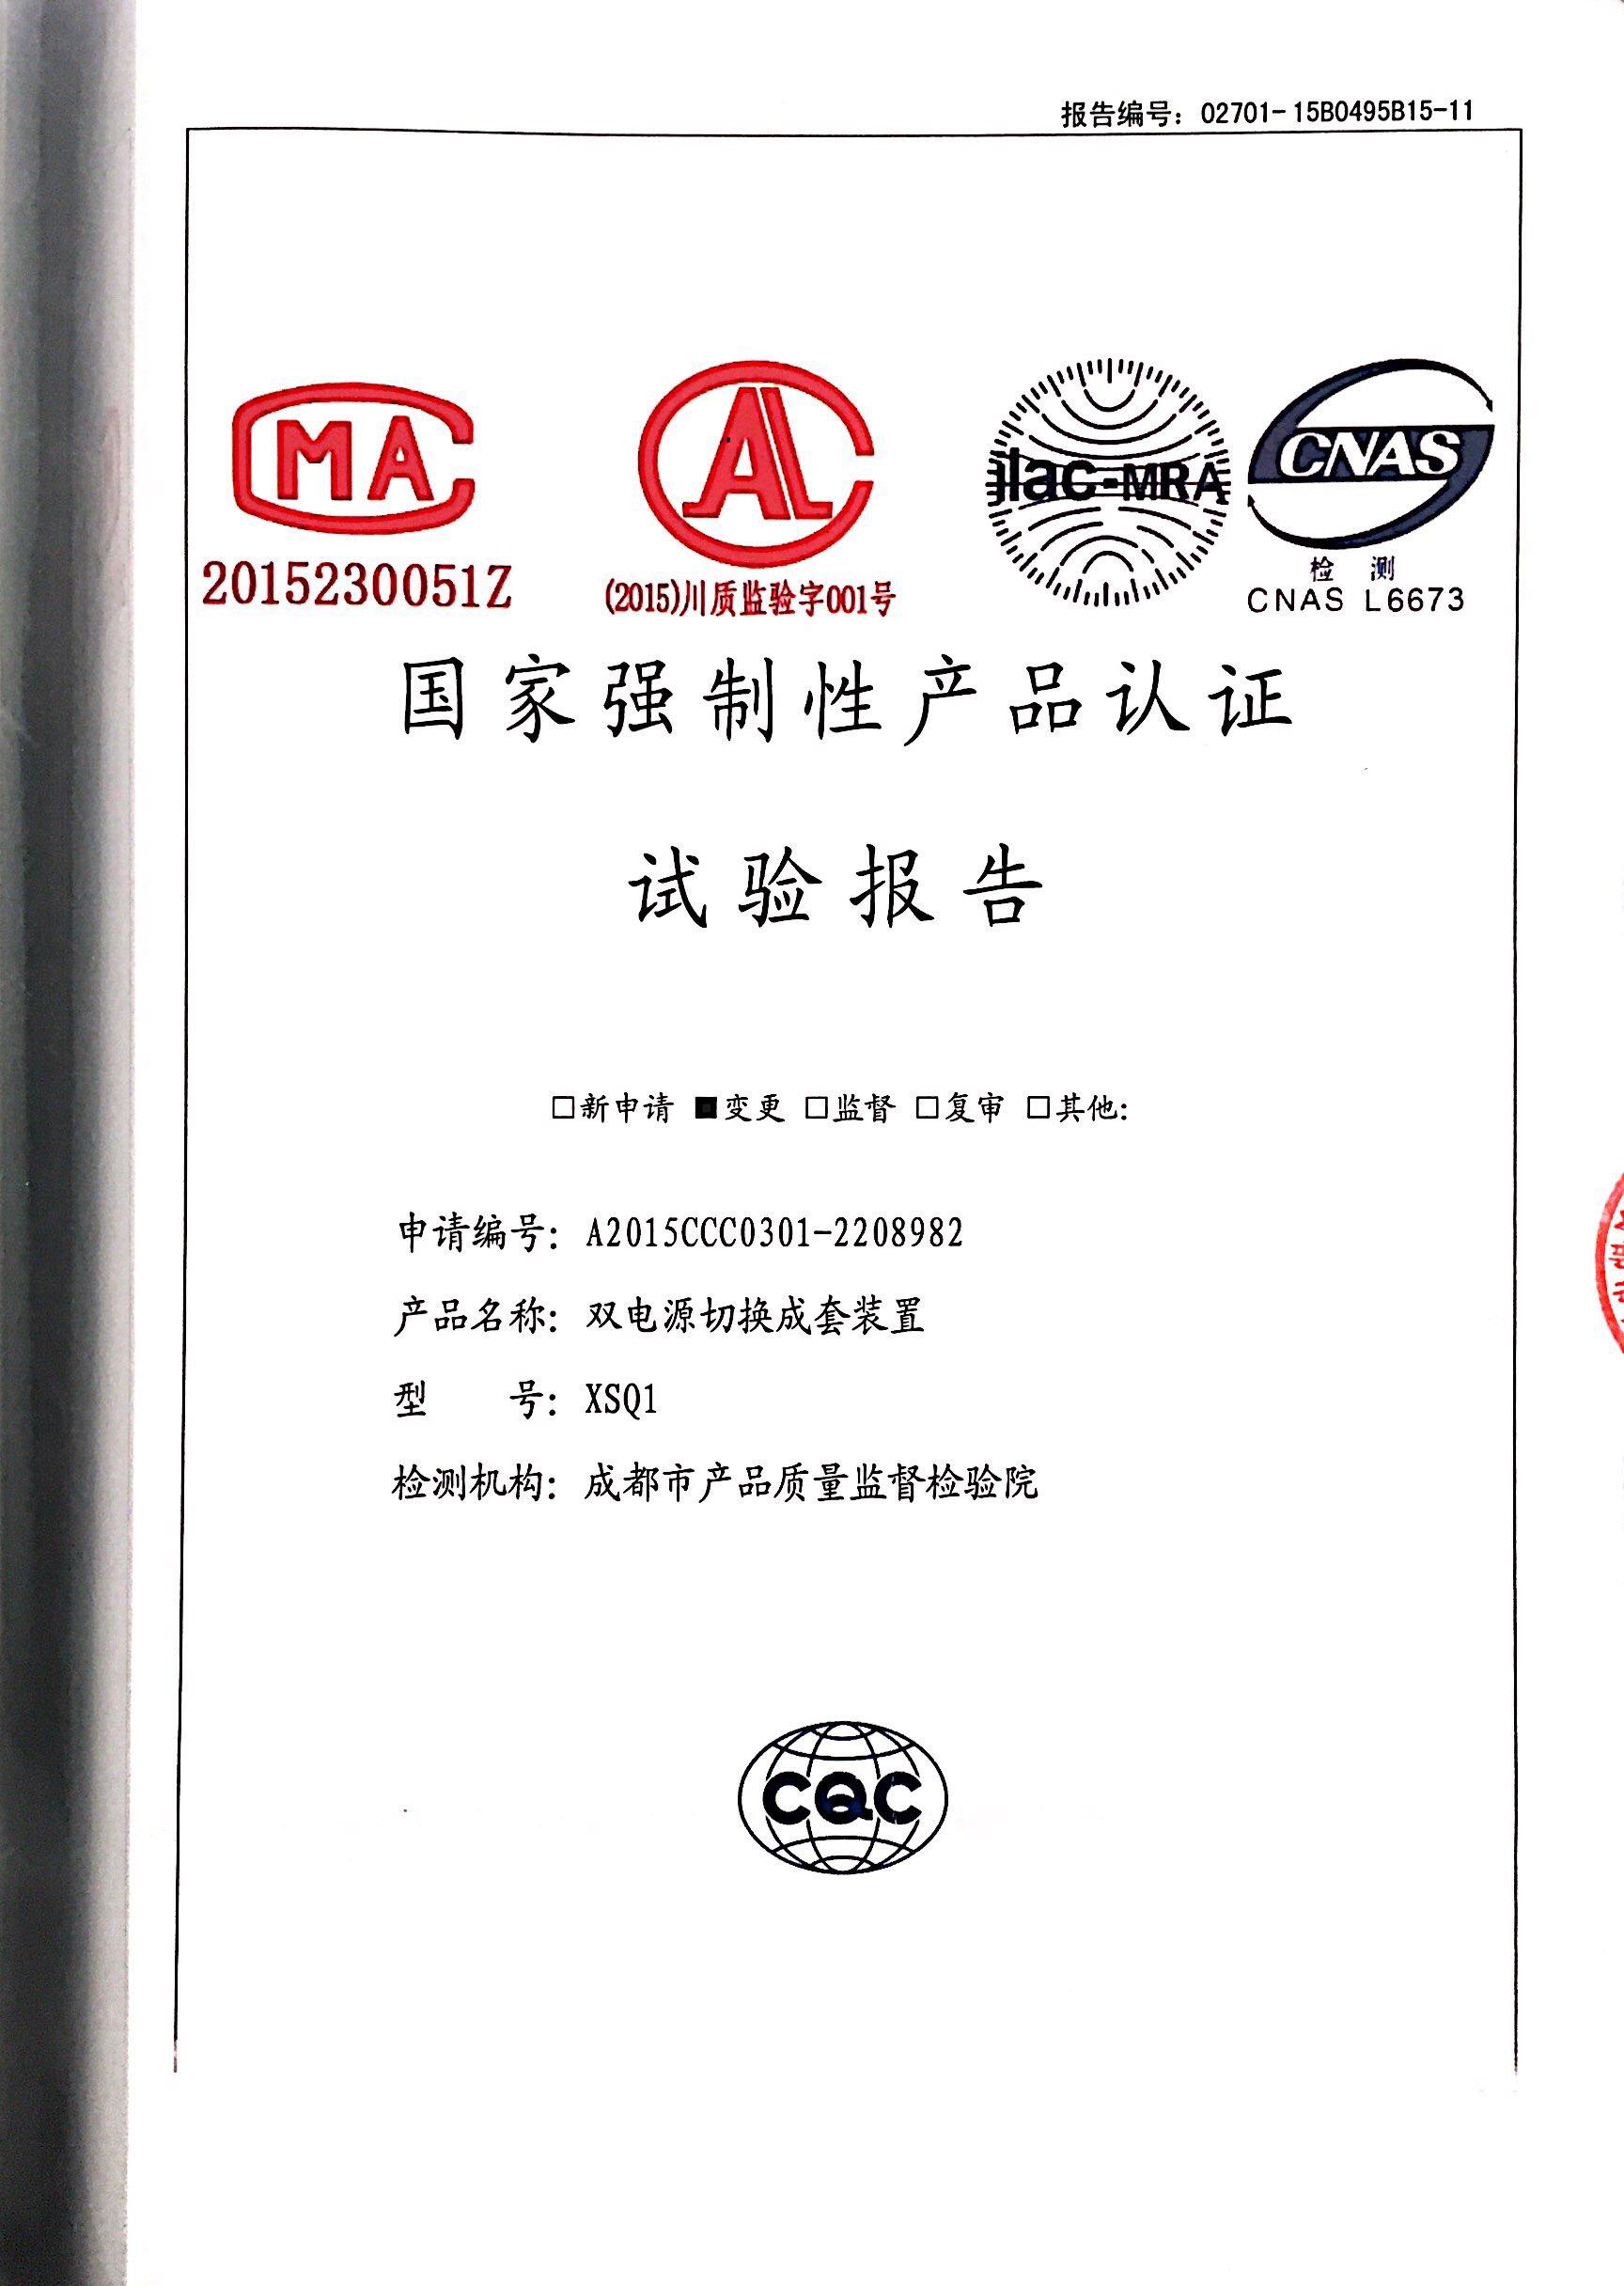 雙電源切換成套裝置XSQ1檢驗報告